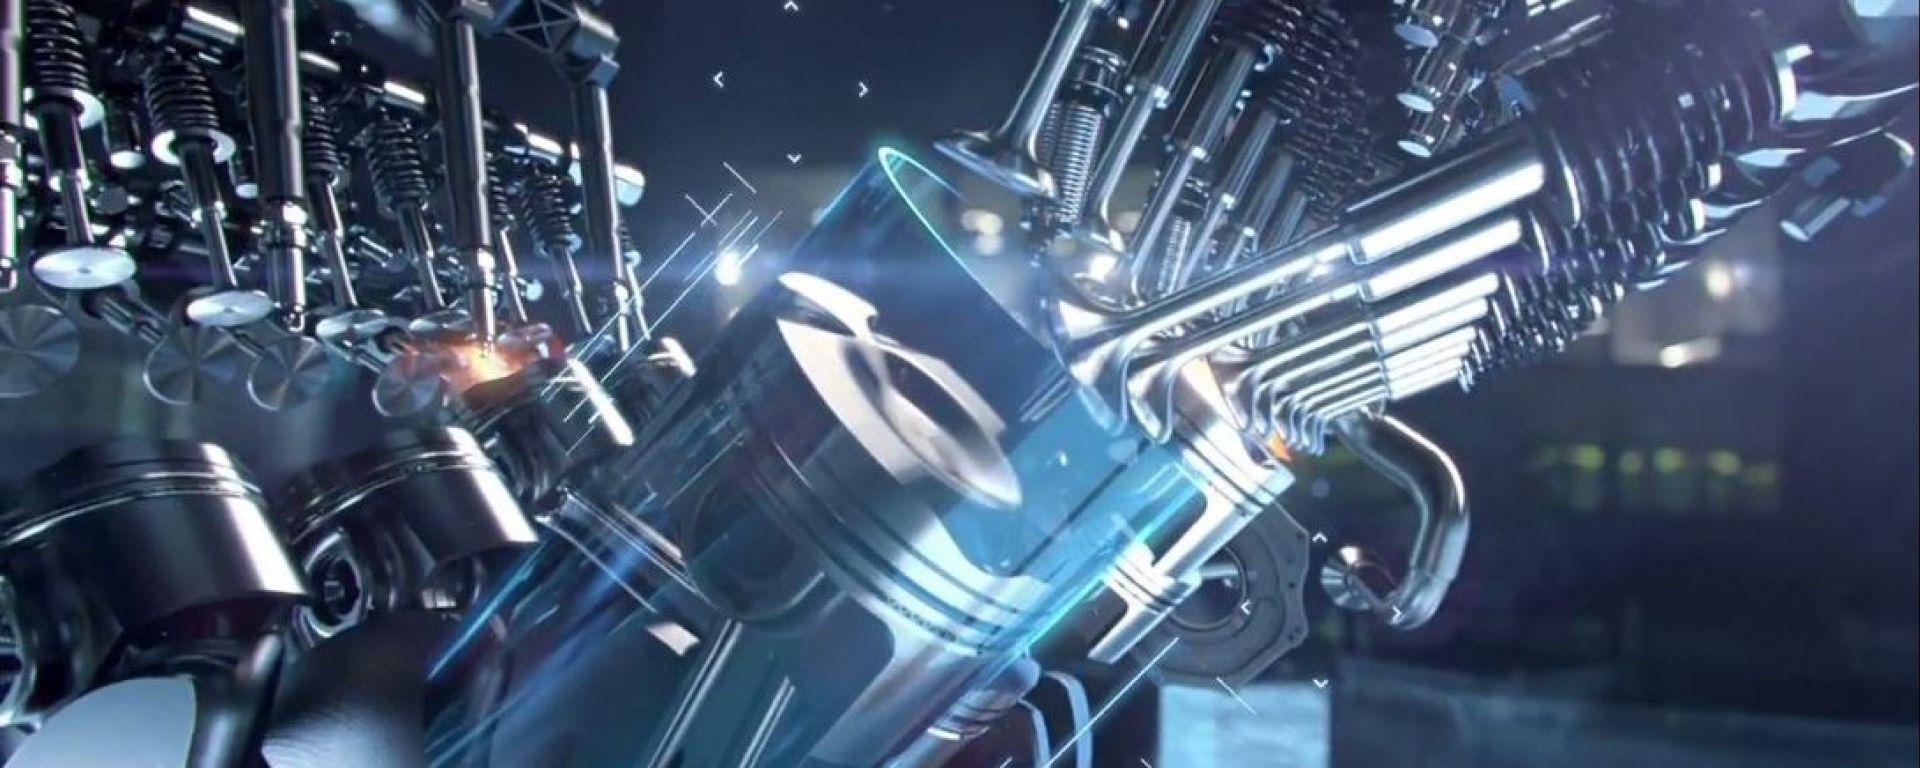 Mercedes: lo sviluppo del V8 4.0 AMG